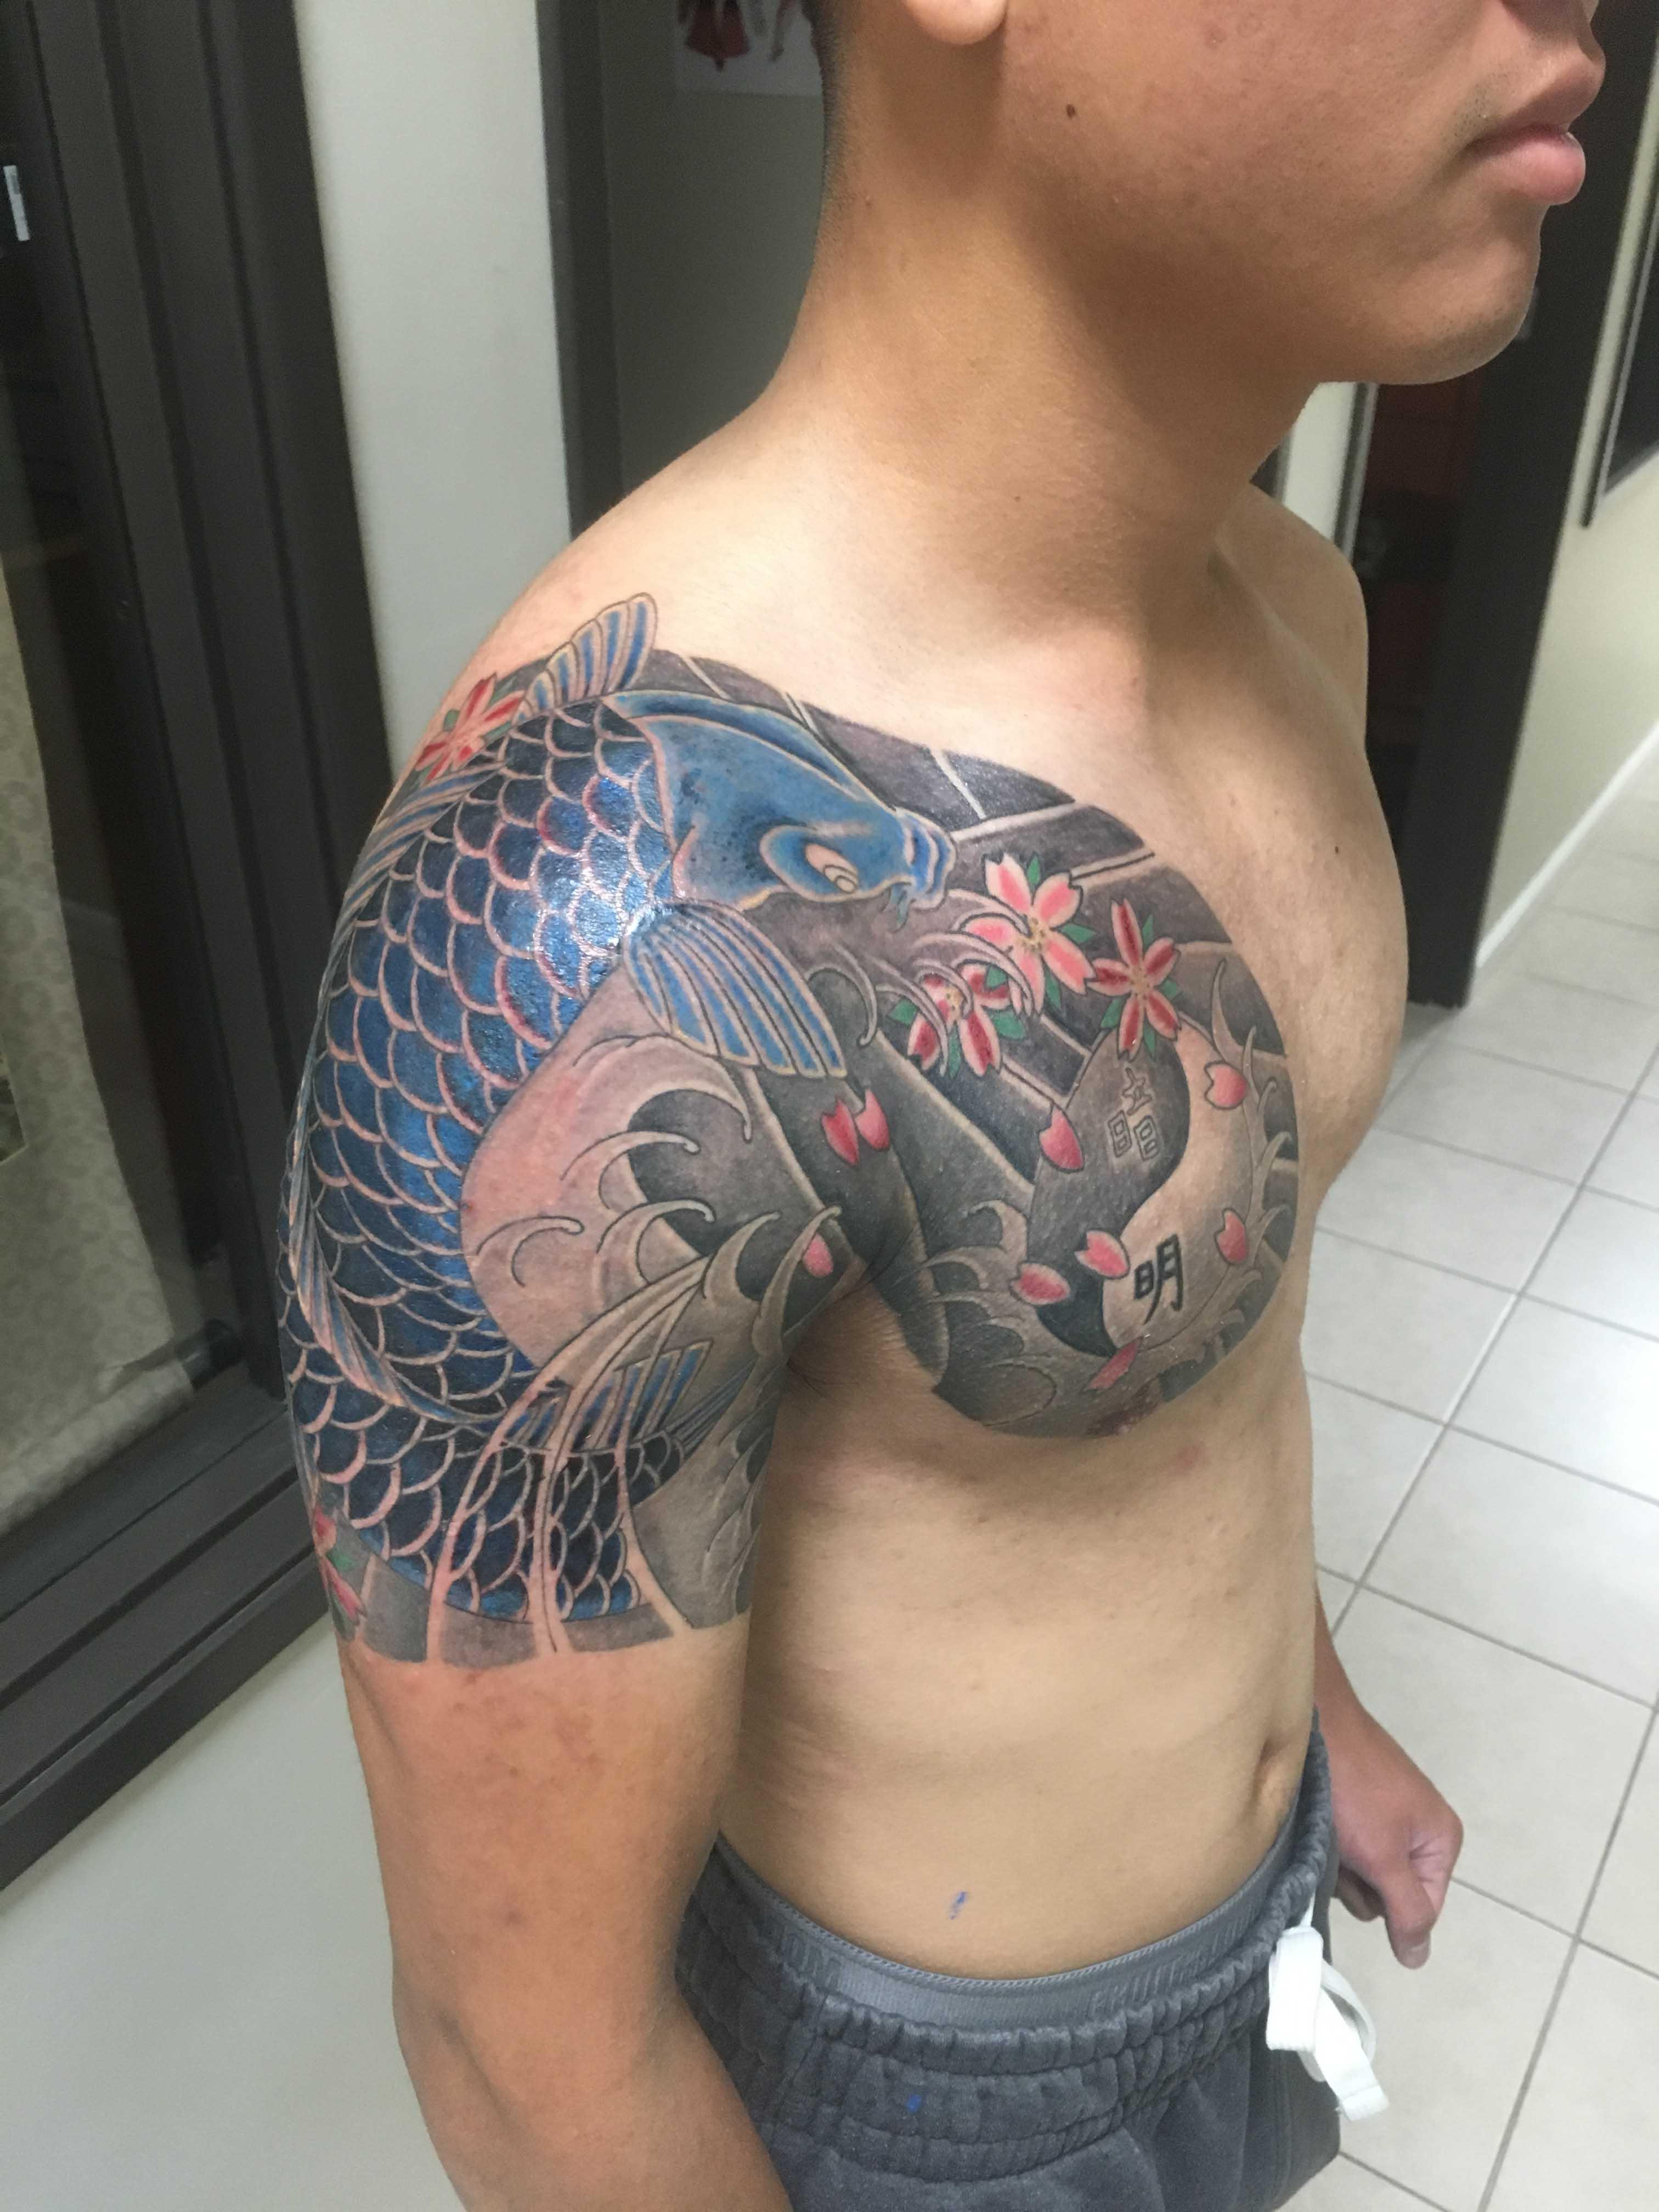 koi fish tattoo by Ei Omiya